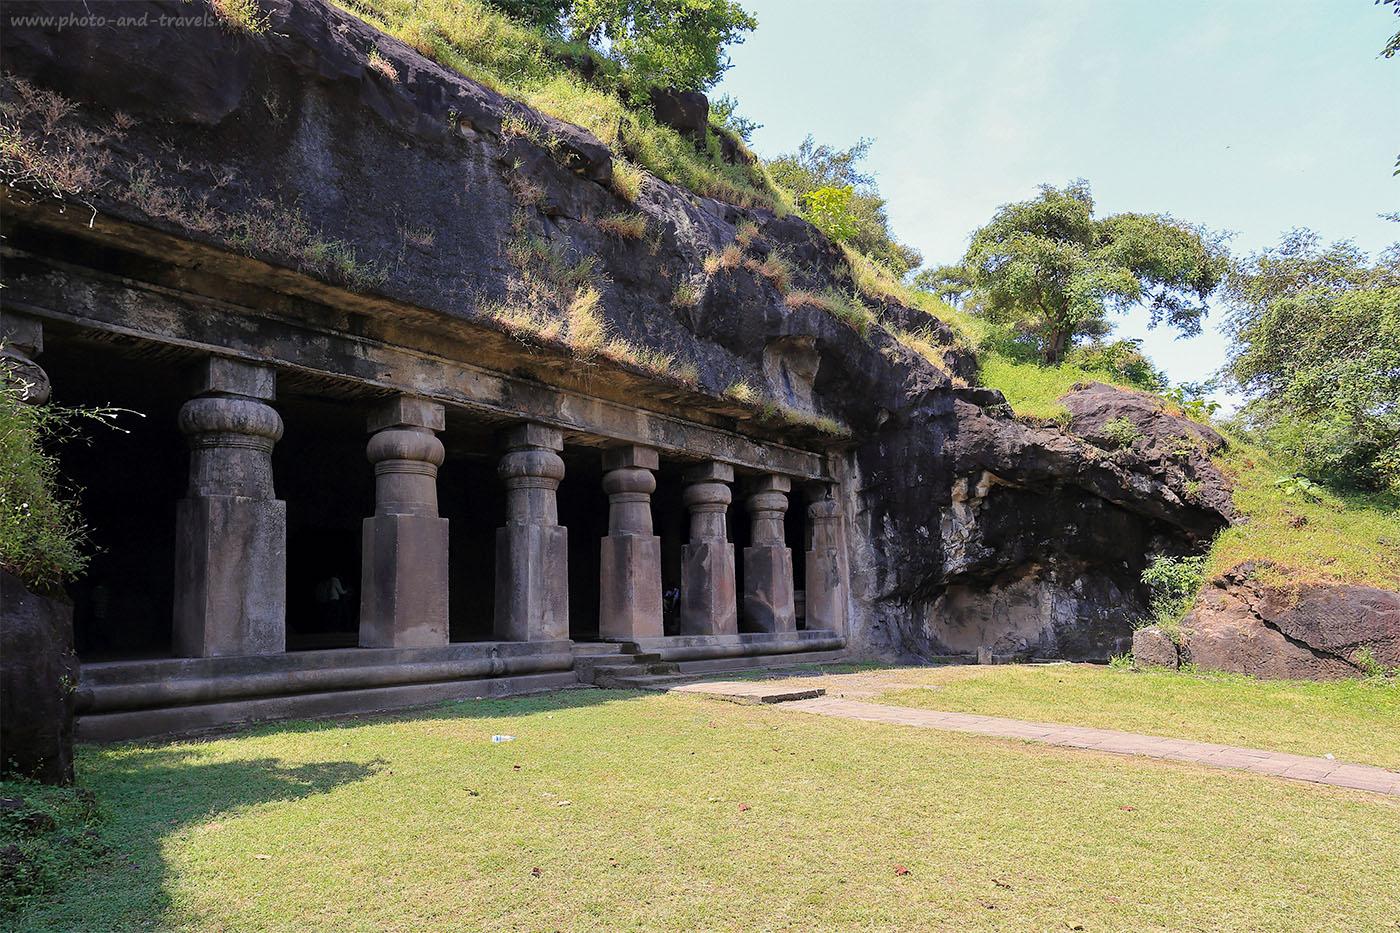 19. Вход в пещеру с восточной стороны. (1125) (17-40,1/80, -1eV, f9, 17 mm, ISO 100)